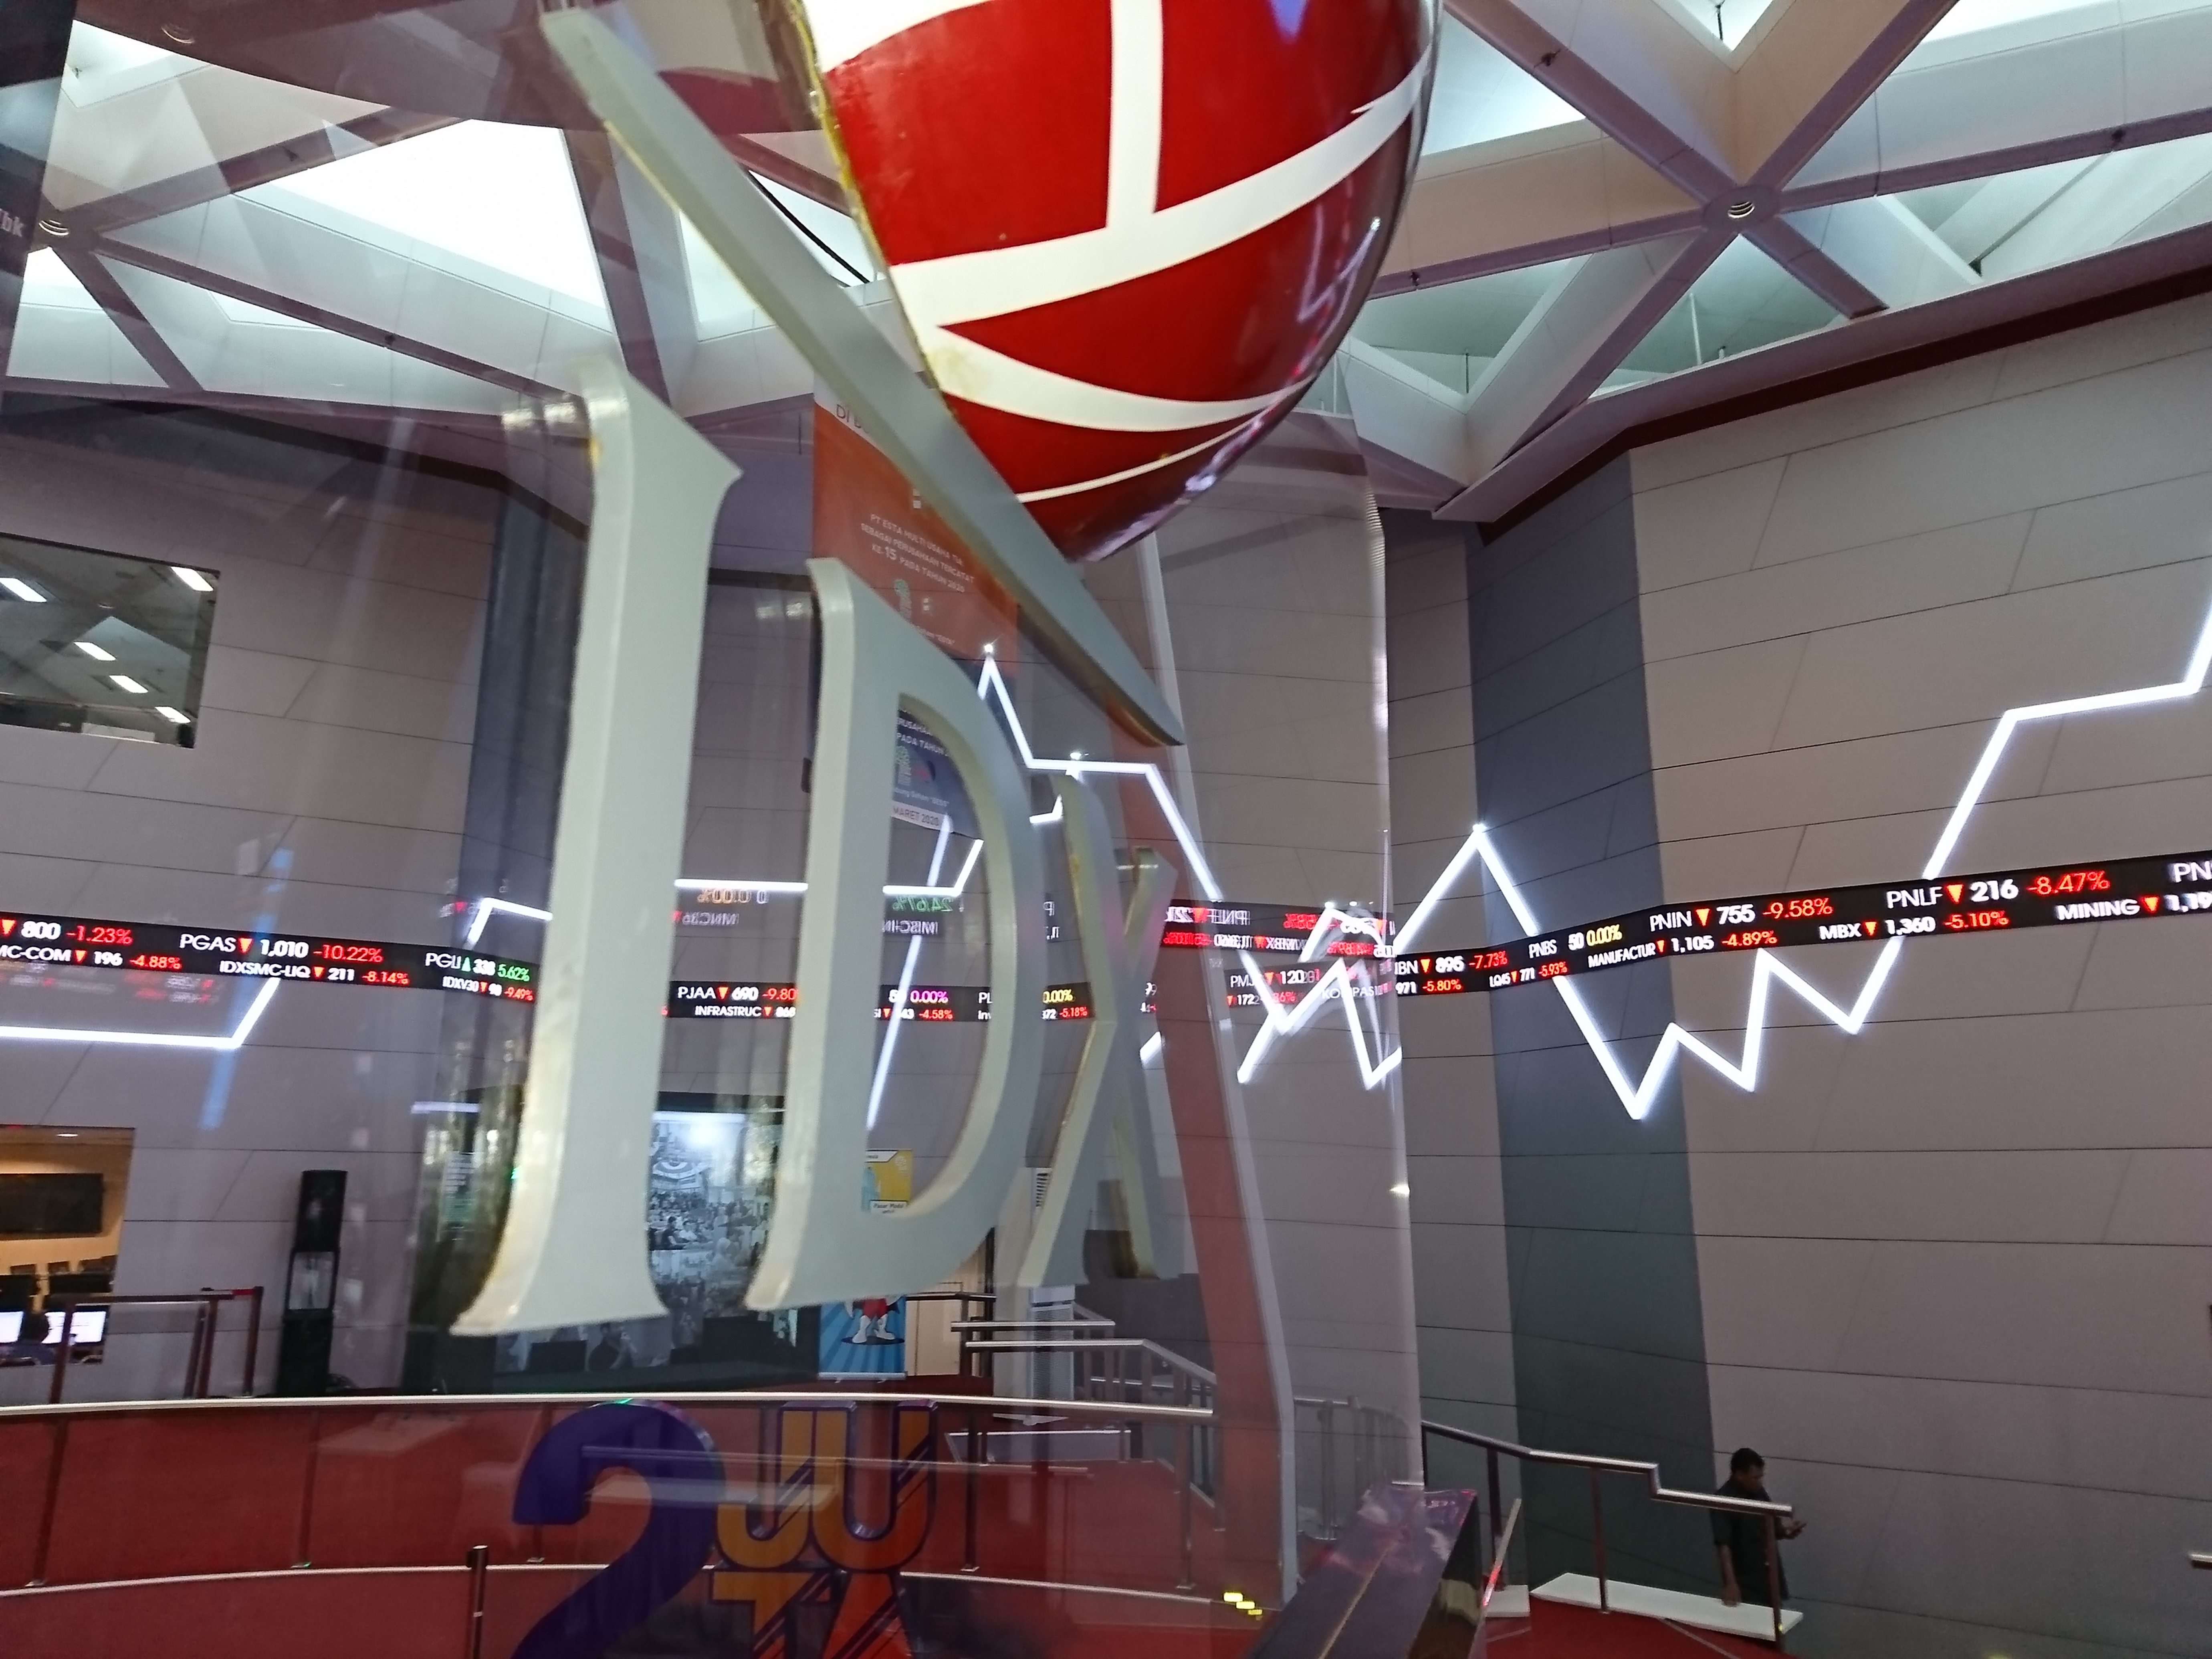 BEI : Pencatatan 5 Obligasi Berkelanjutan Meramaikan Bursa Selama Sepekan